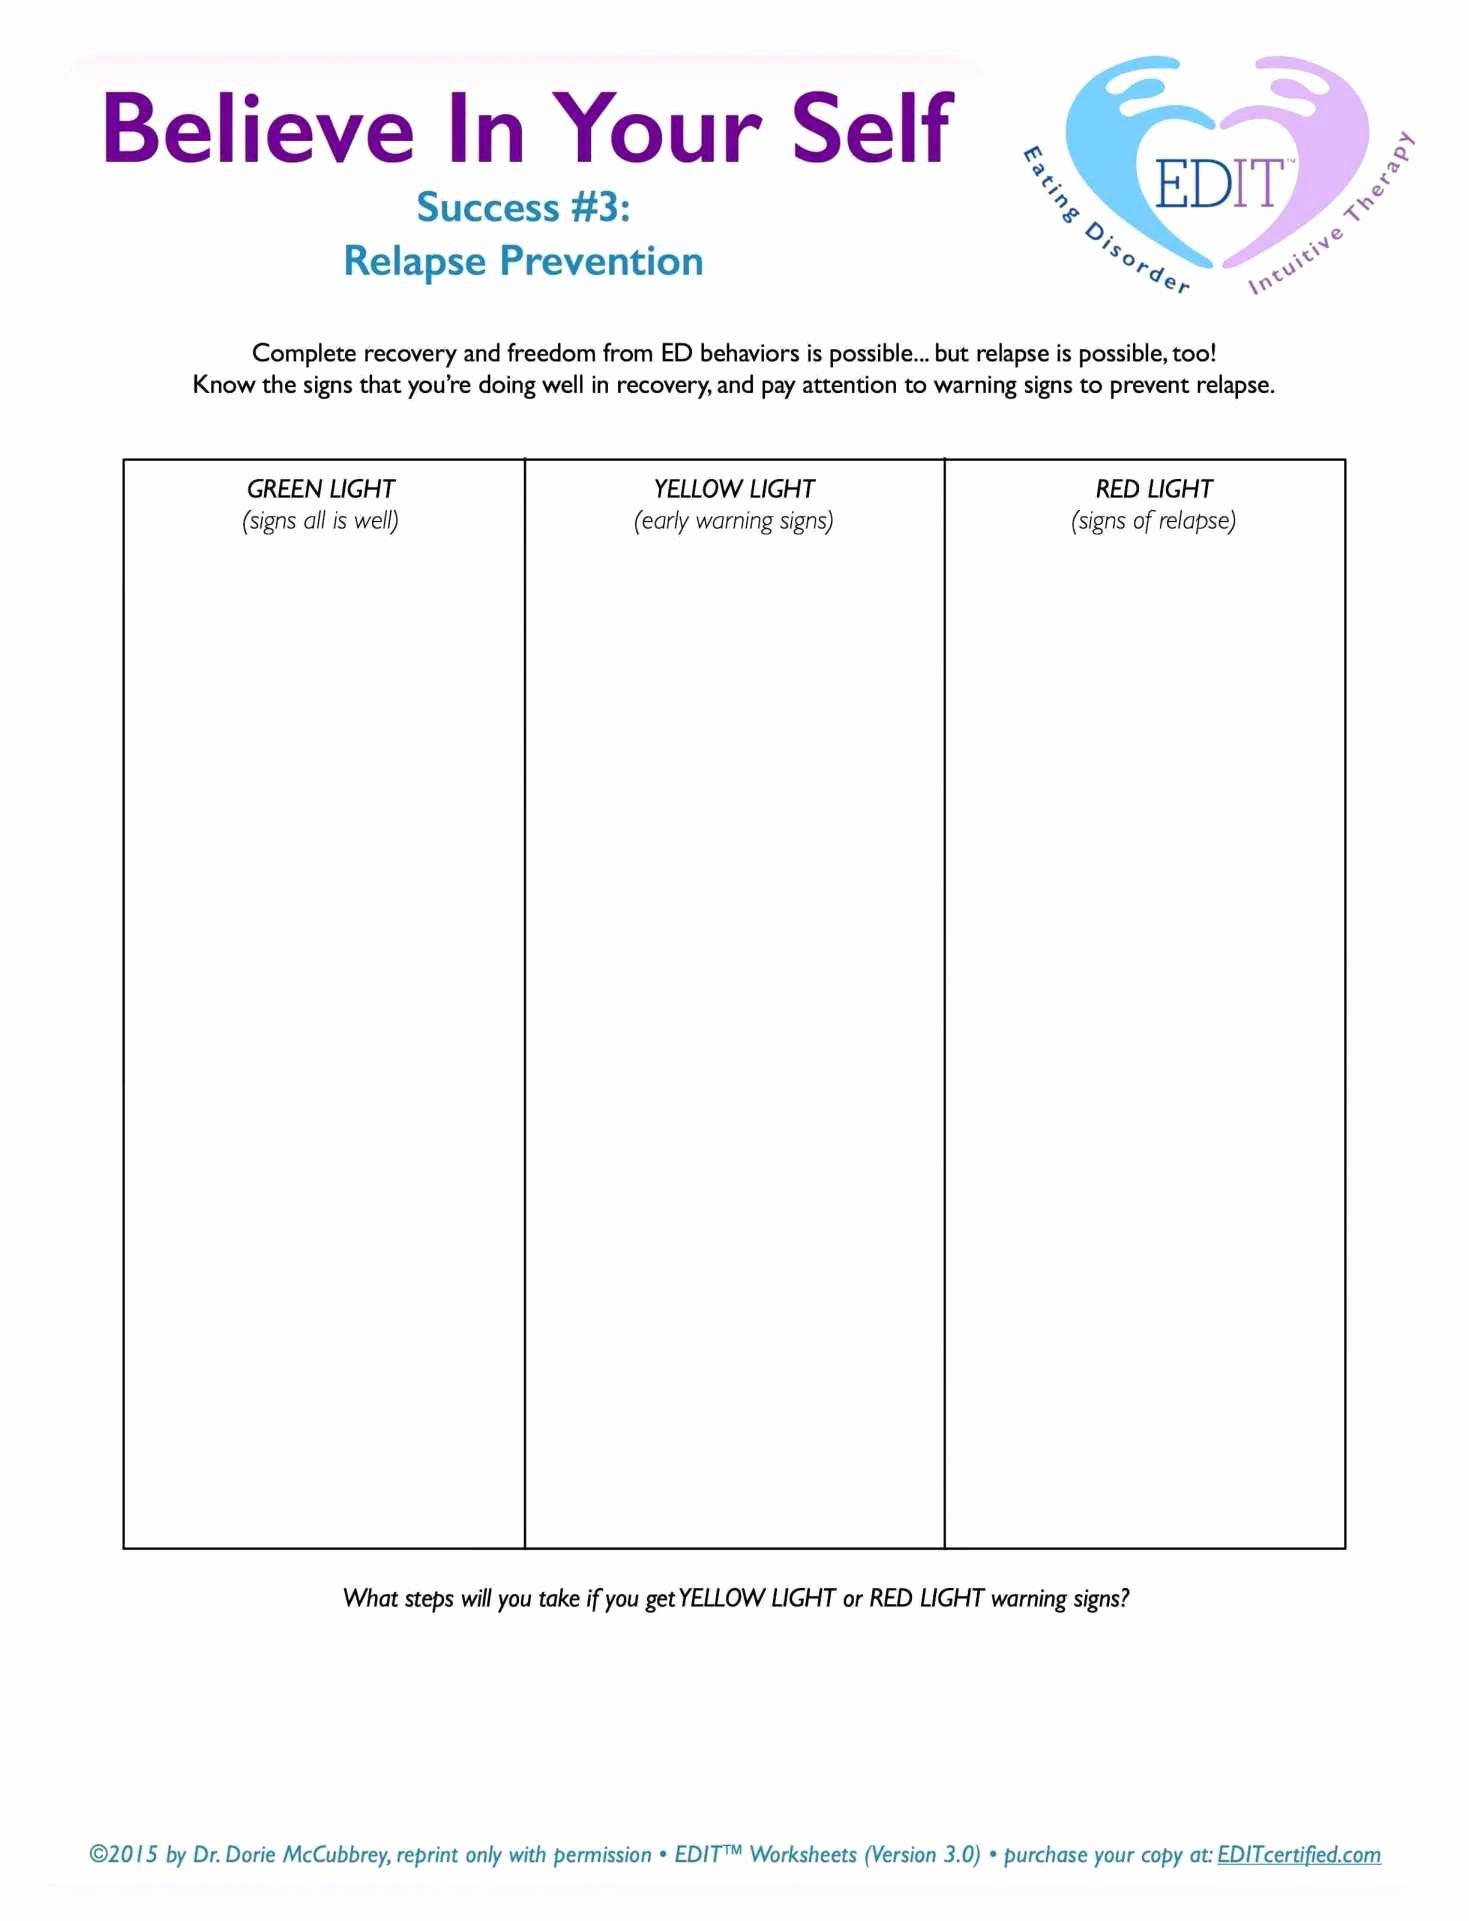 Substance Abuse Treatment Plan Template Lovely Tips for Avoiding Relapse Worksheet Relapse Prevention